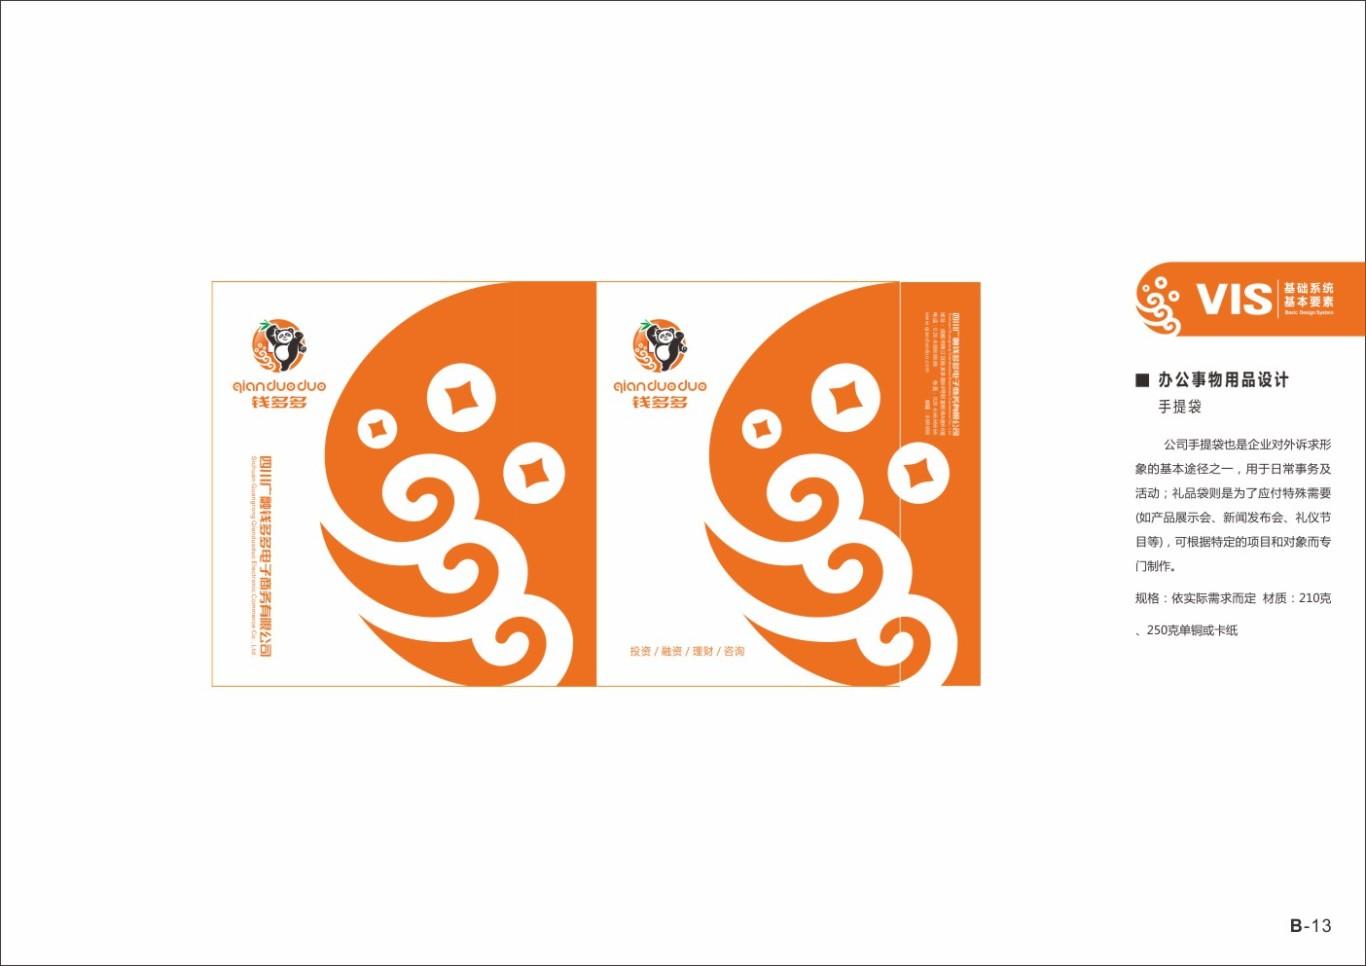 四川广融钱多多品牌及VI形象设计图29